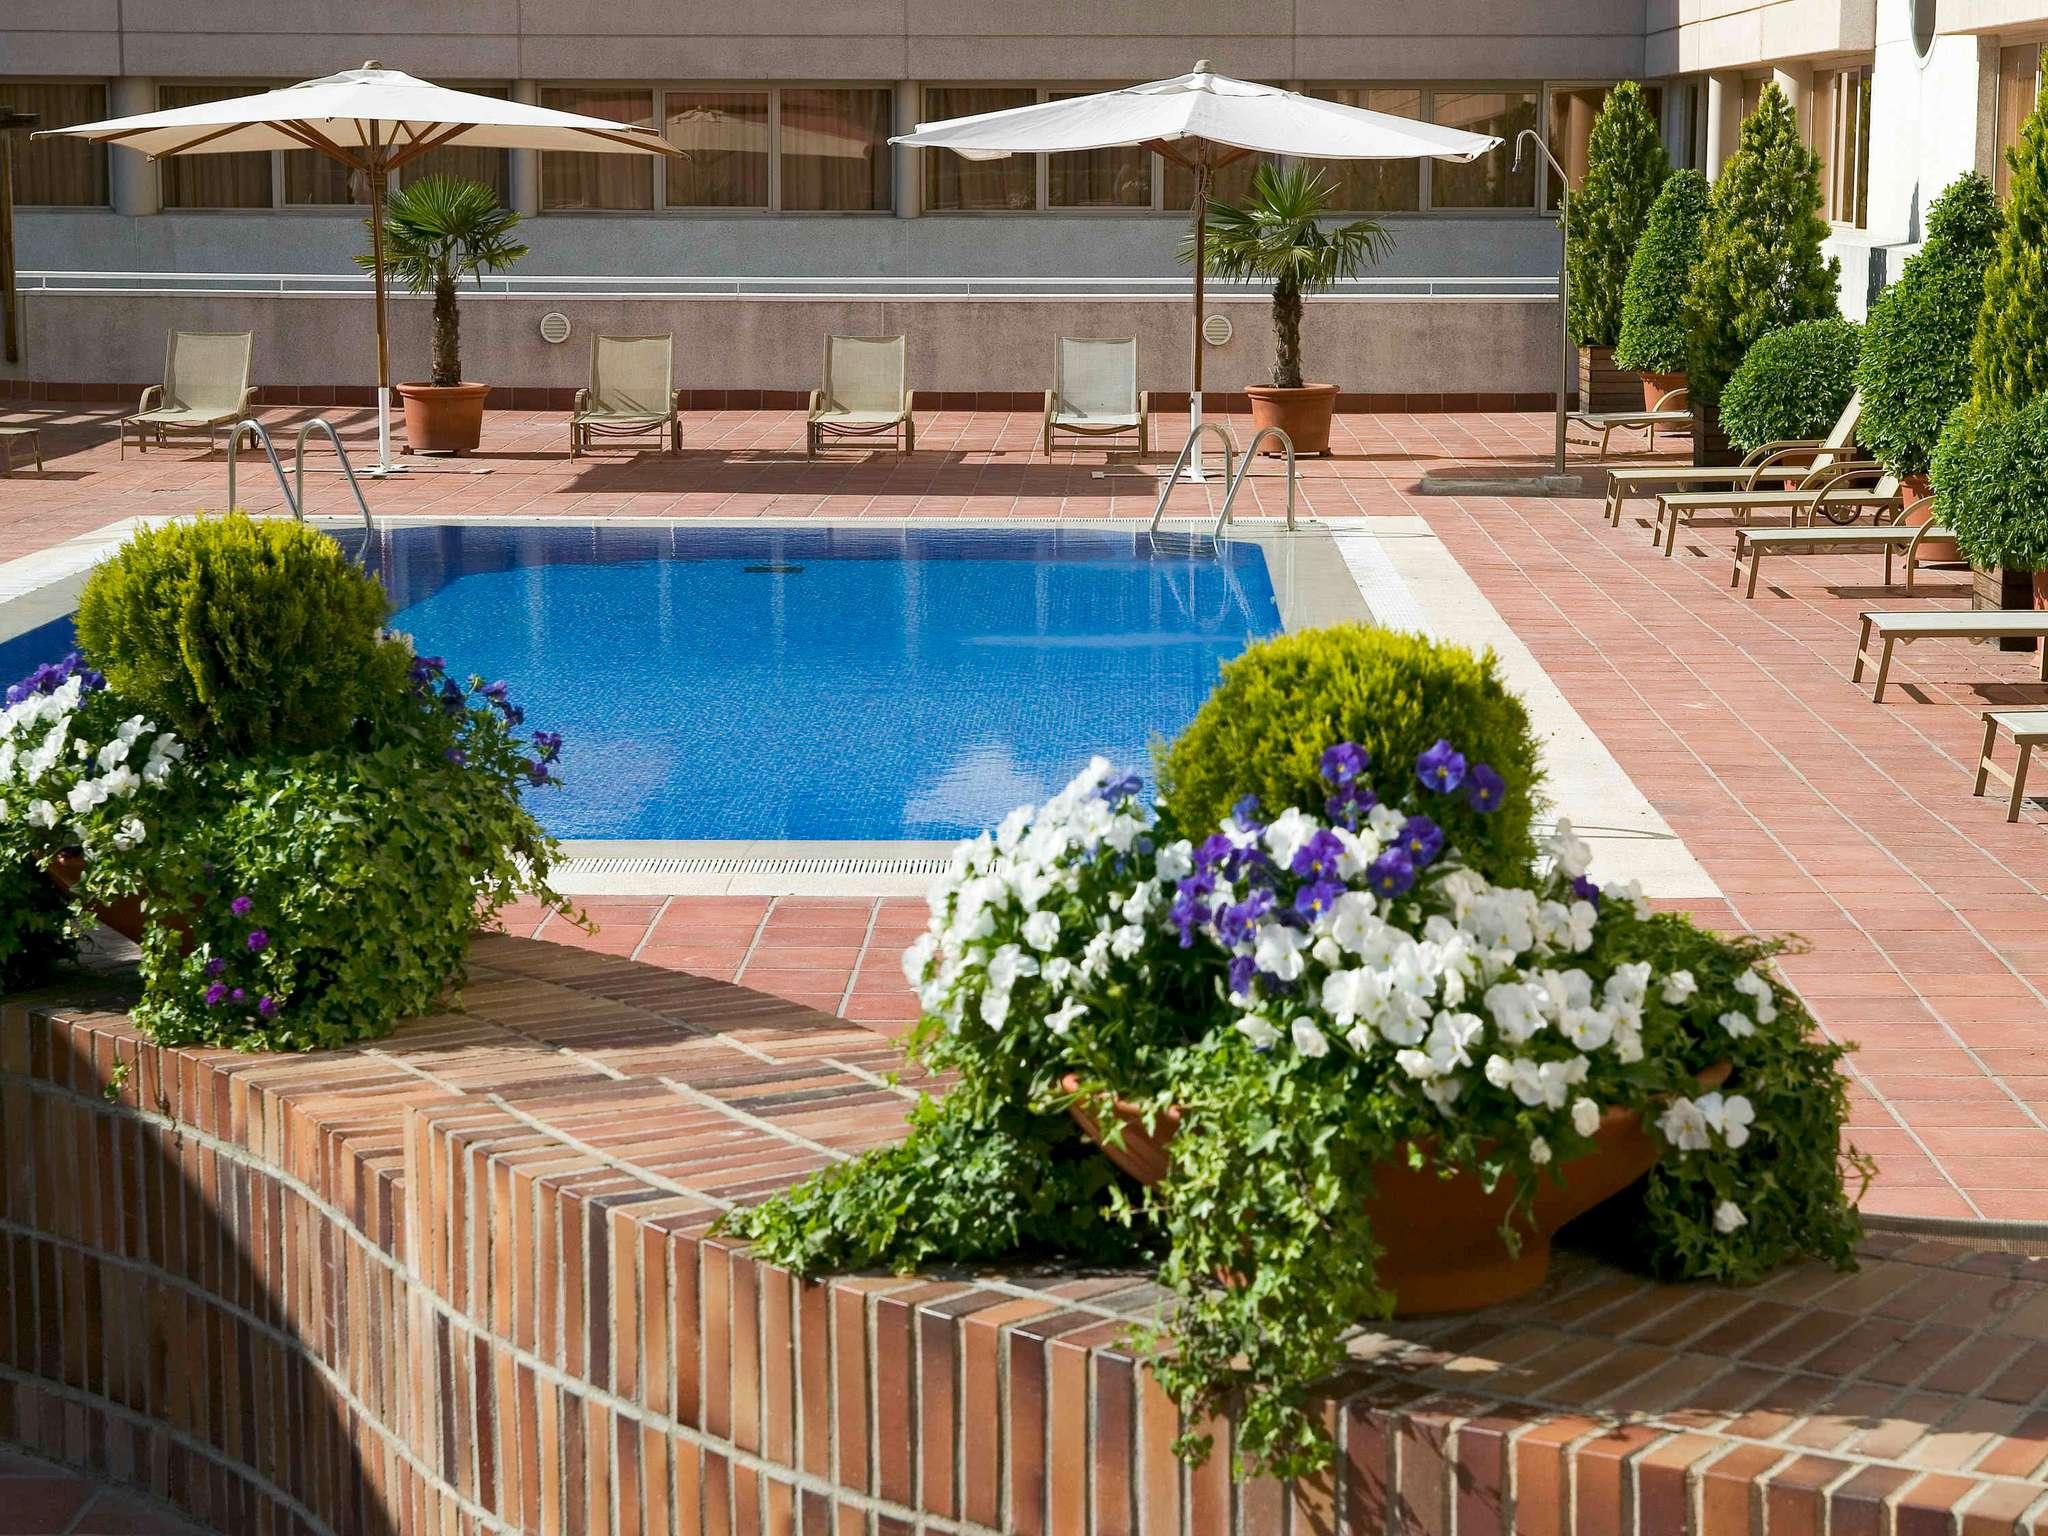 酒店 – 马德里坎波纳西昂诺富特酒店